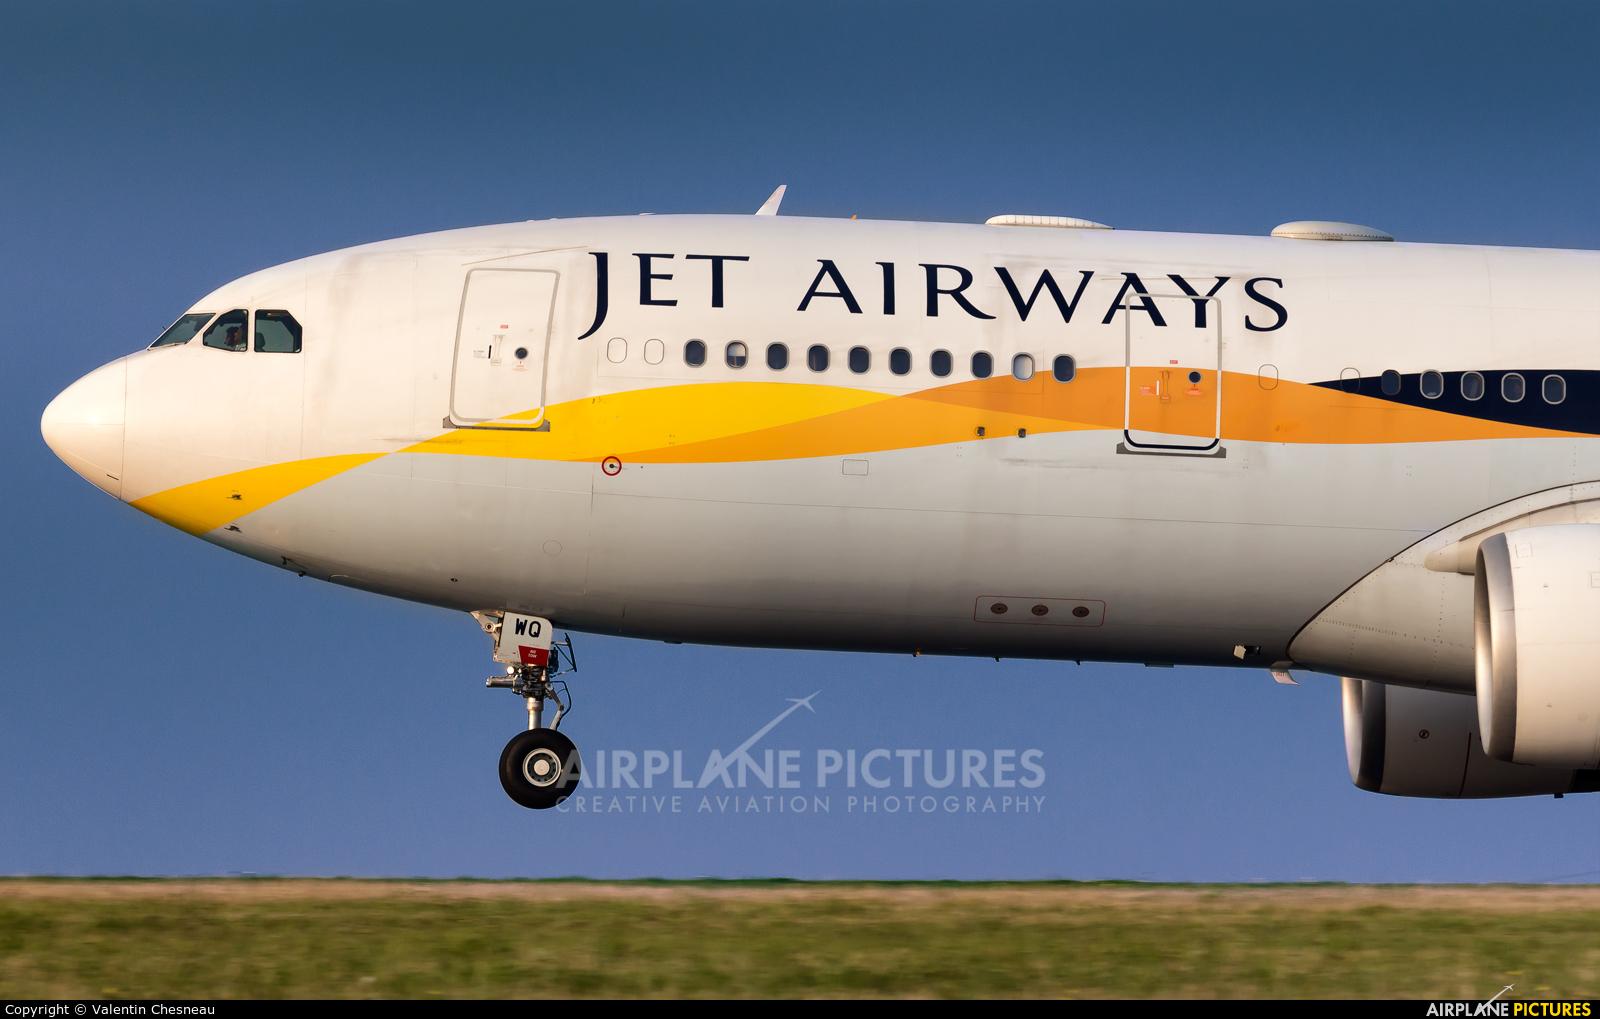 Jet Airways VT-JWQ aircraft at Paris - Charles de Gaulle